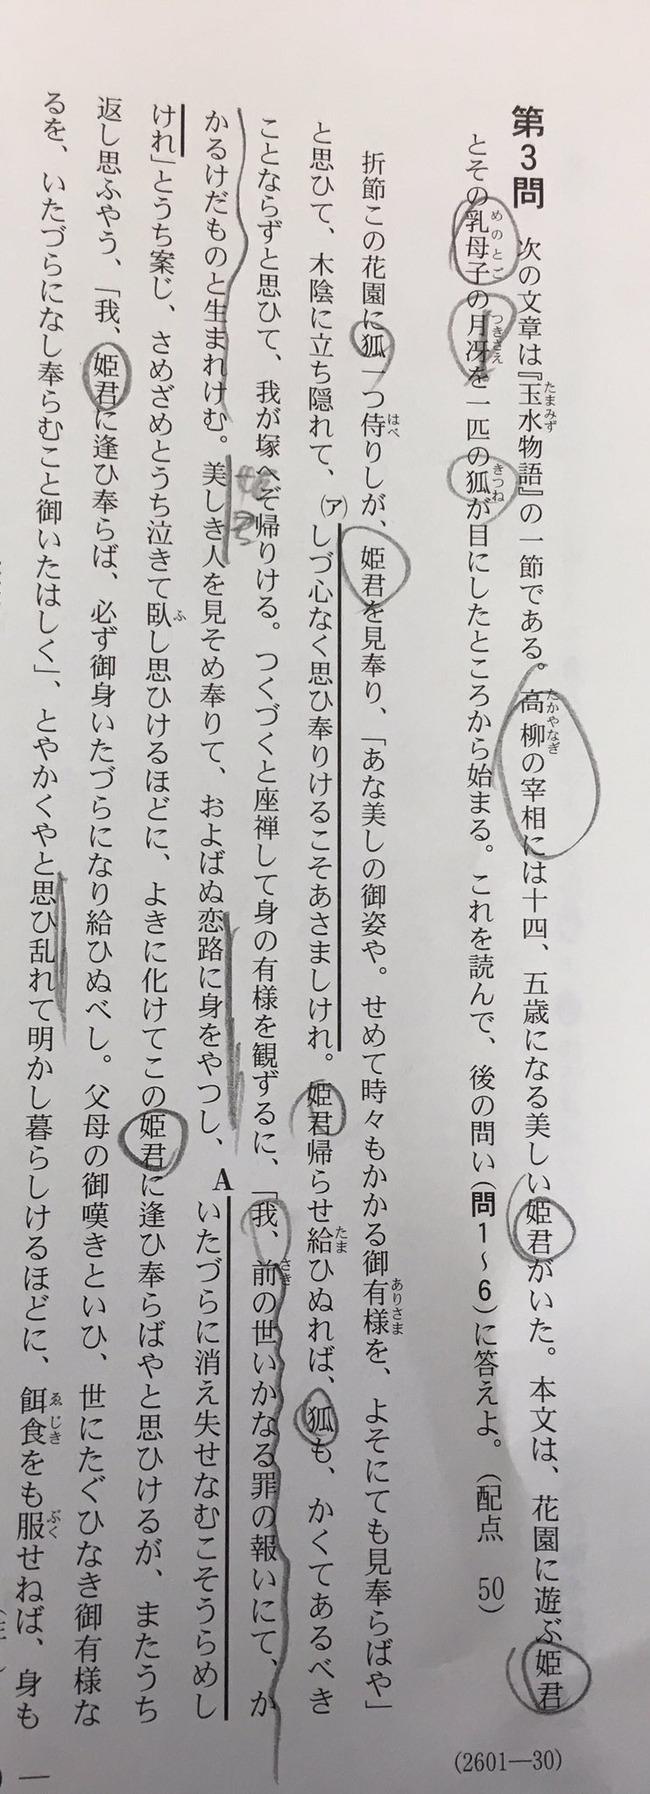 センター試験 古文 センター国語 百合 狐 レズ お姫様 玉水物語に関連した画像-03